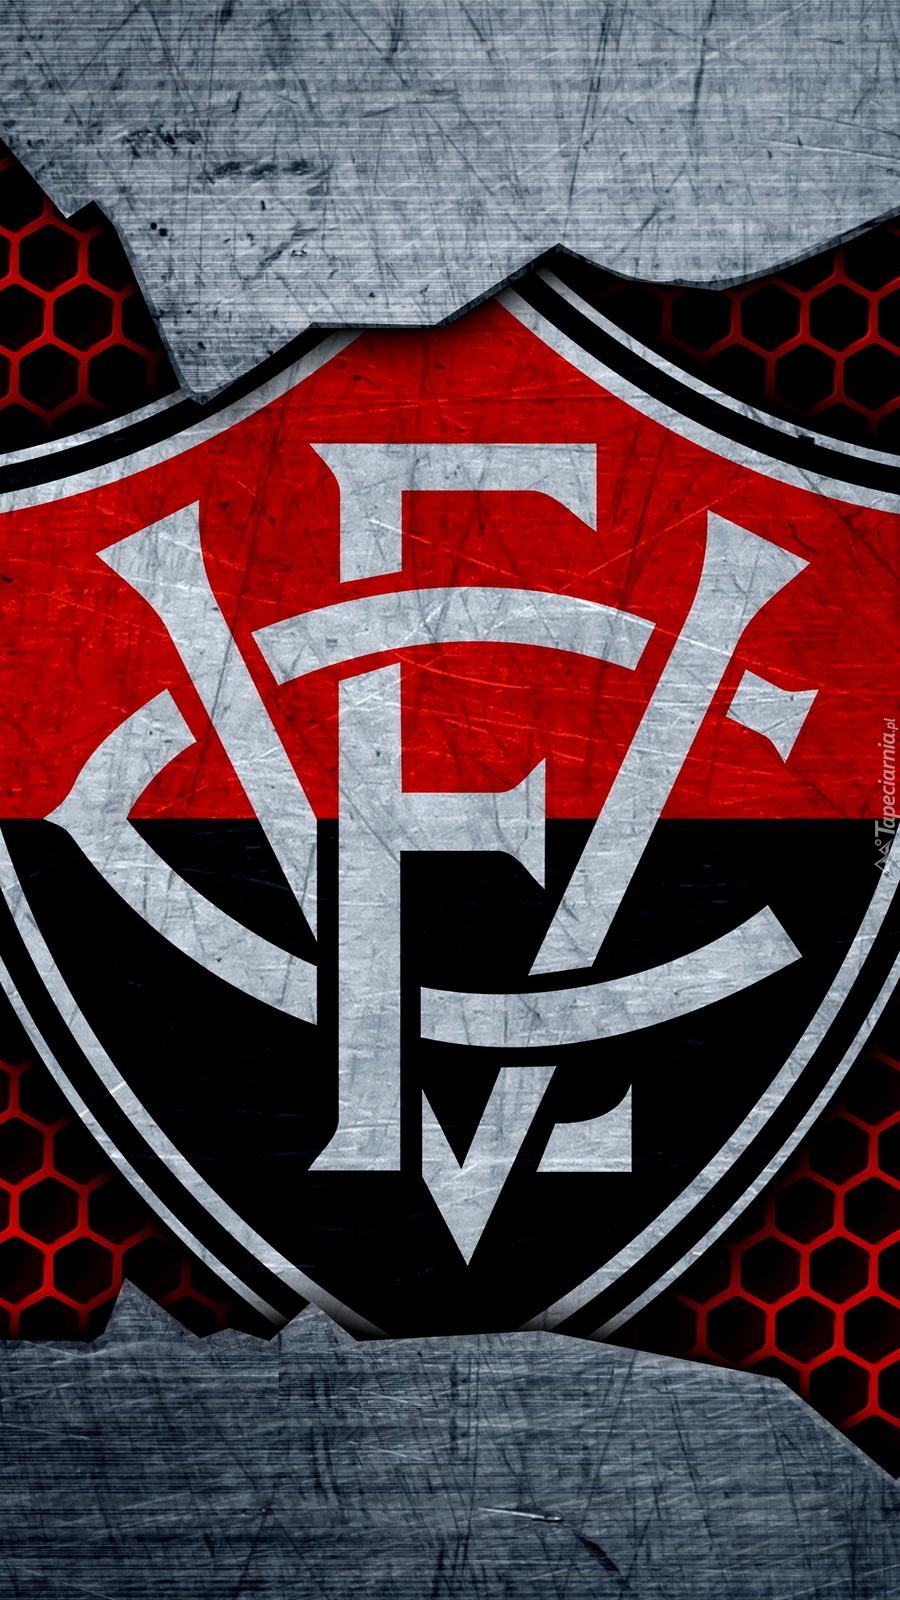 Logo klubu piłkarskiego EC Vitória